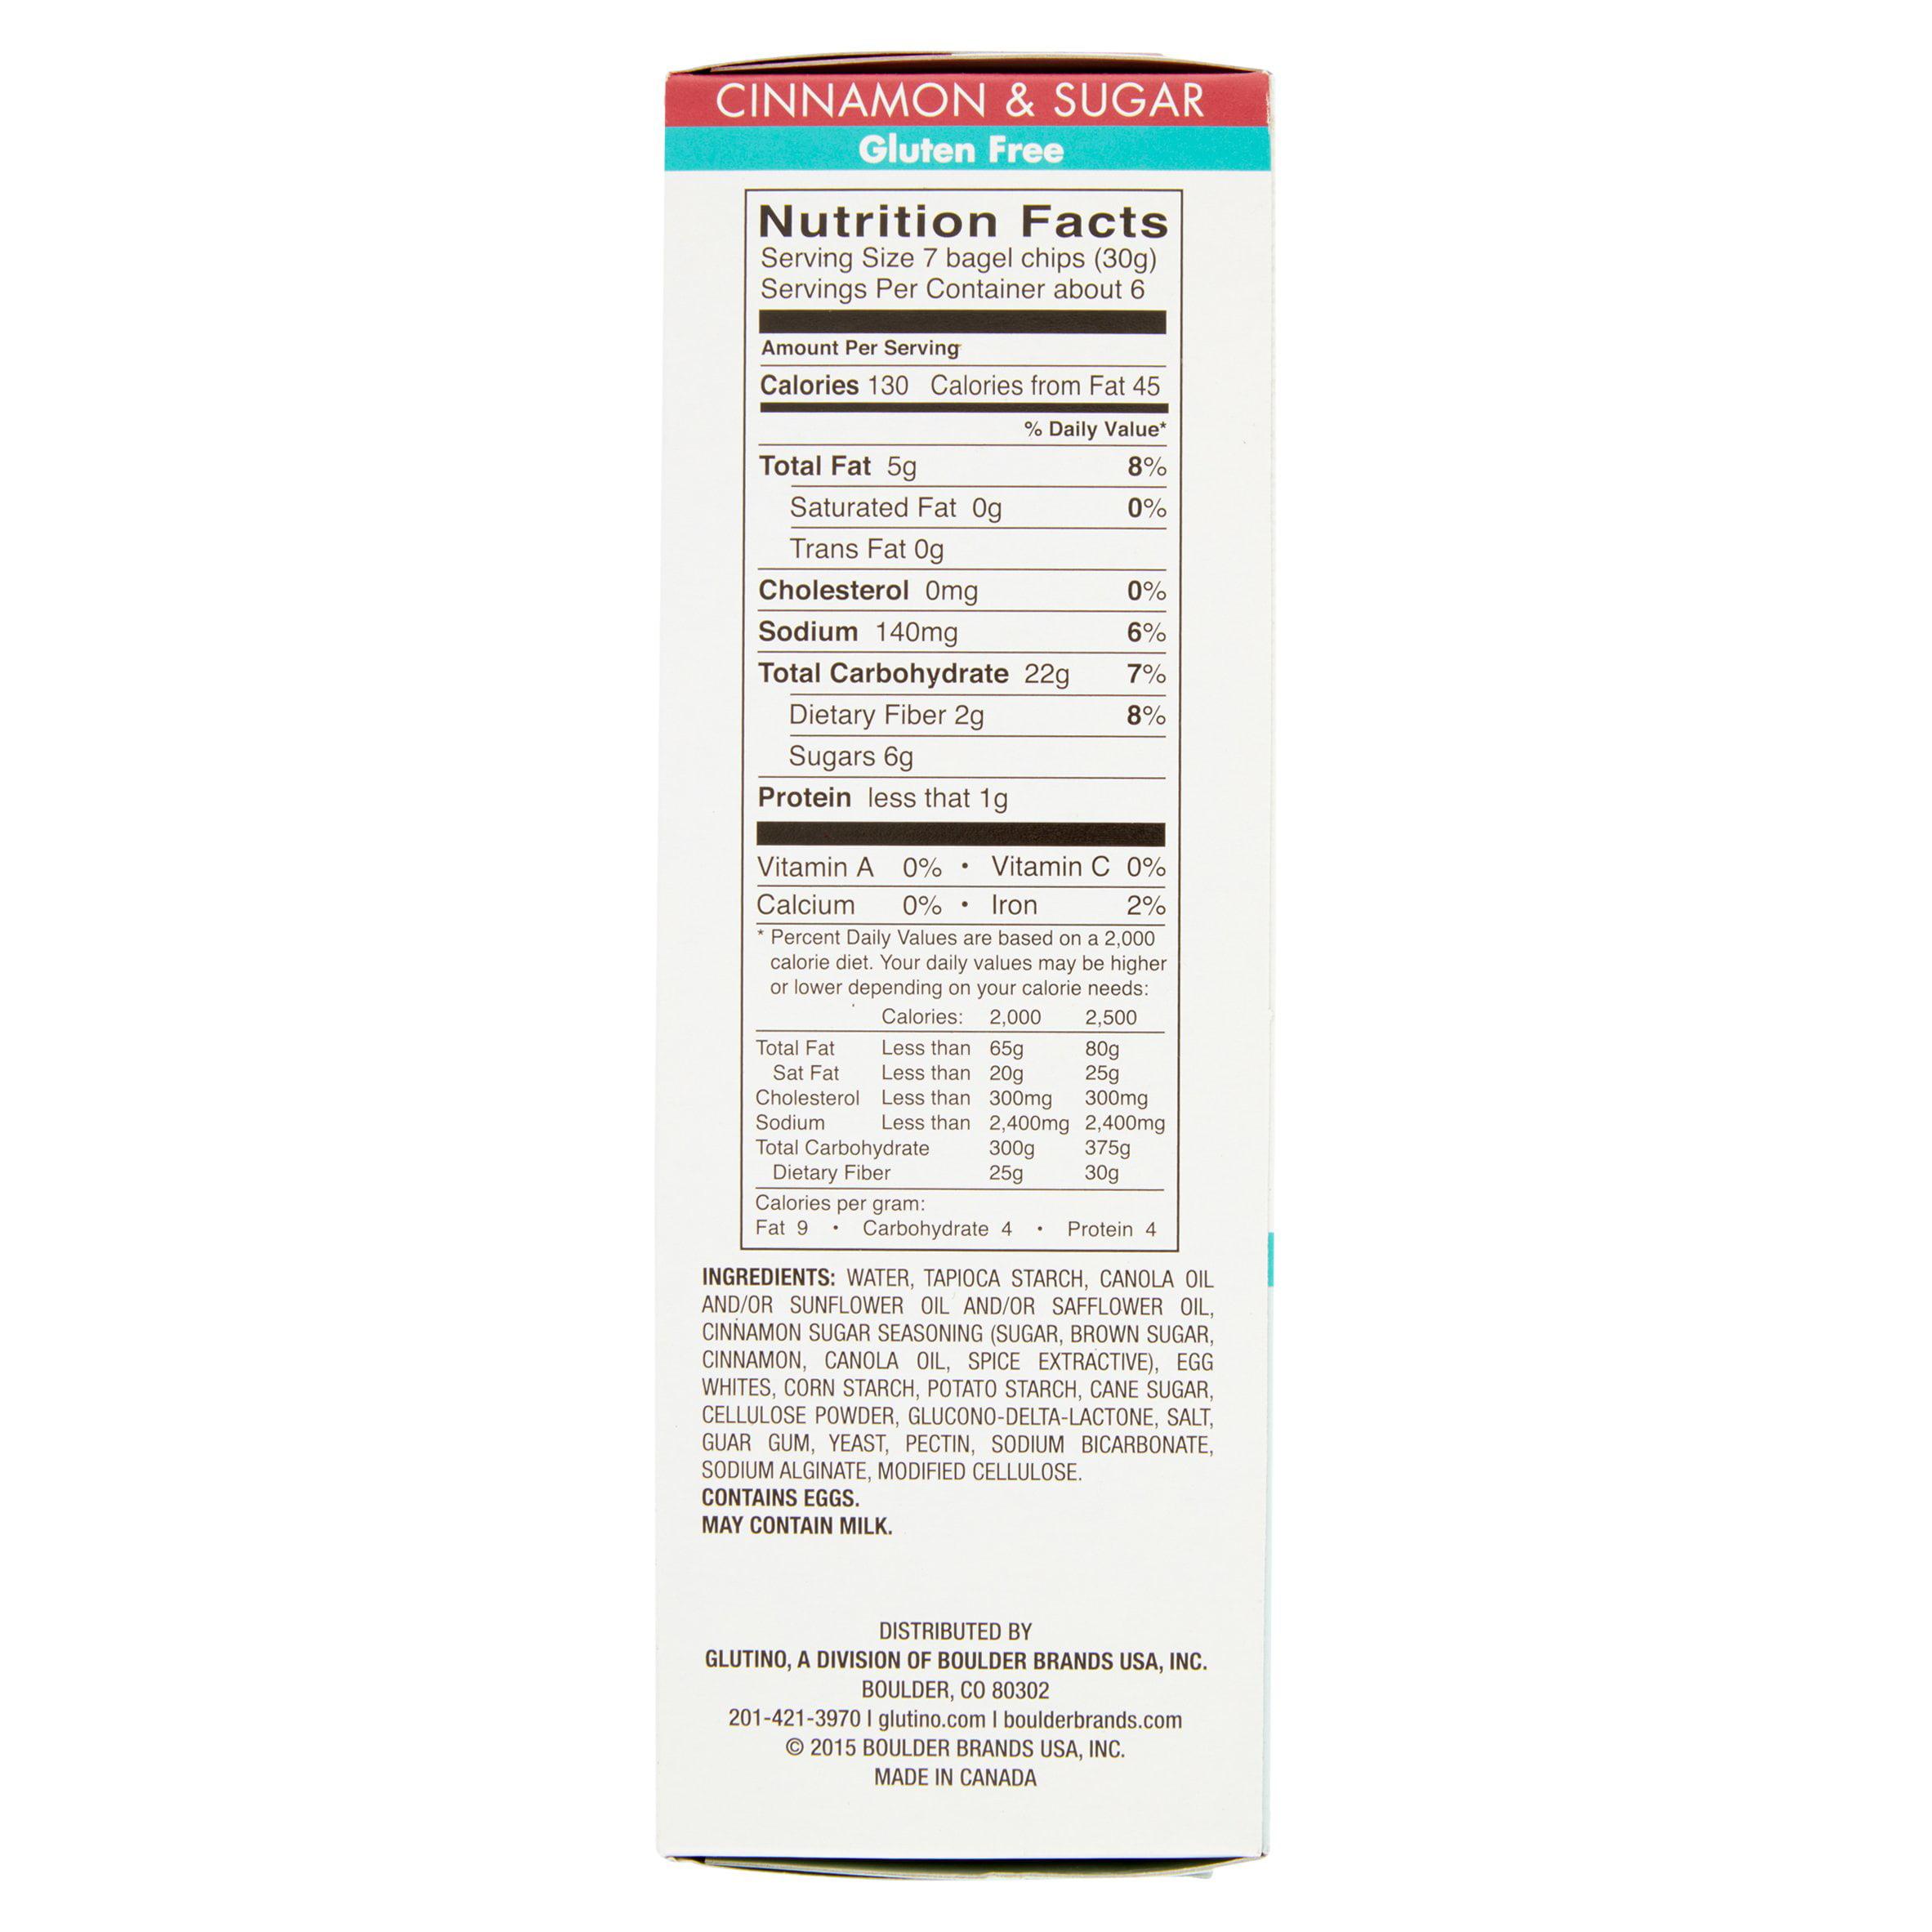 Glutino! Cinnamon & Sugar Gluten Free Bagel Chips, 6 oz